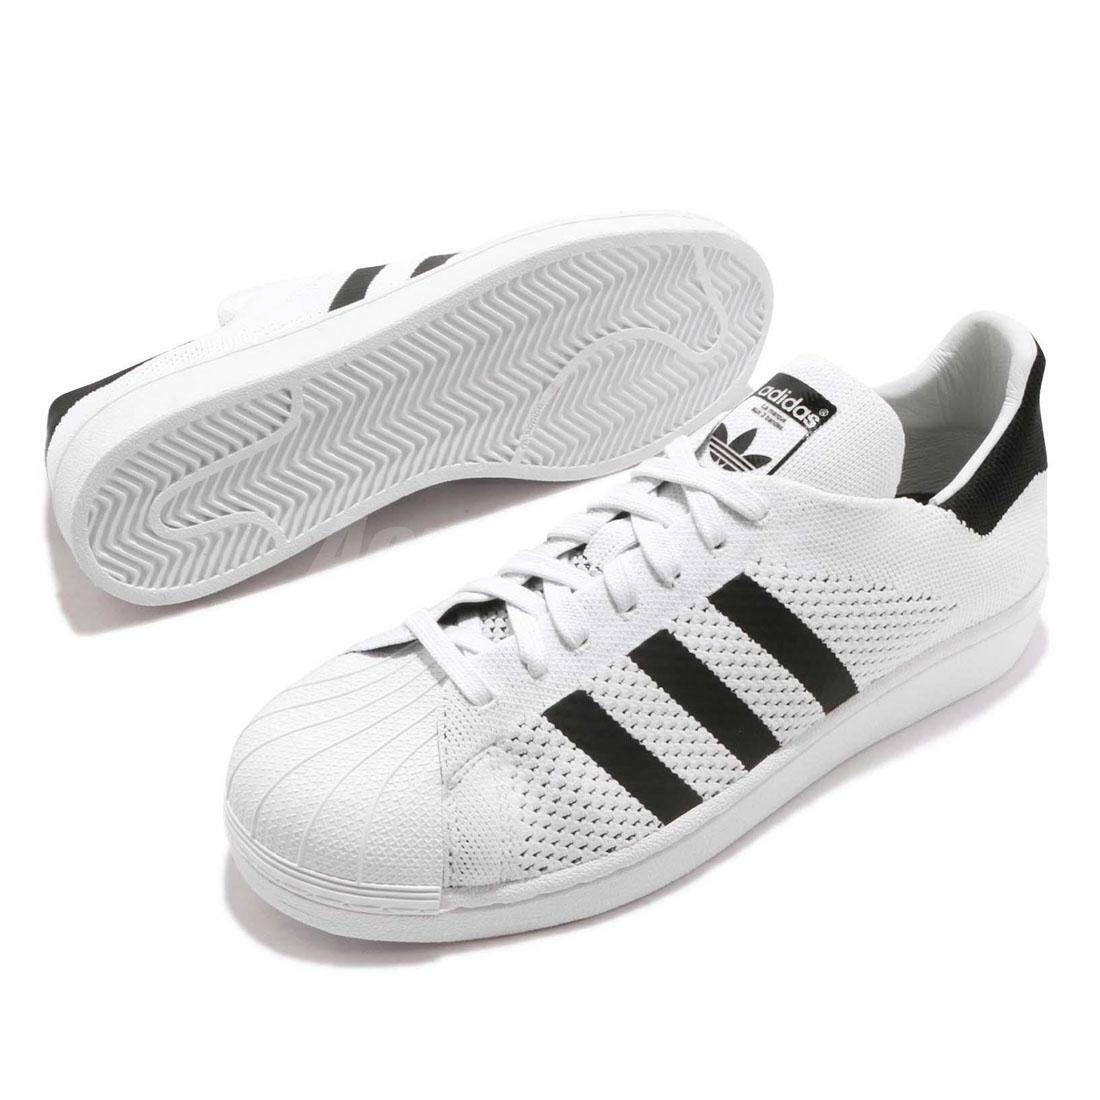 Adidas Originali Superestrella Primeknit Pezzi Sautope Bianco Nero con Lacci da Uomo Sautope classeiche da uomo